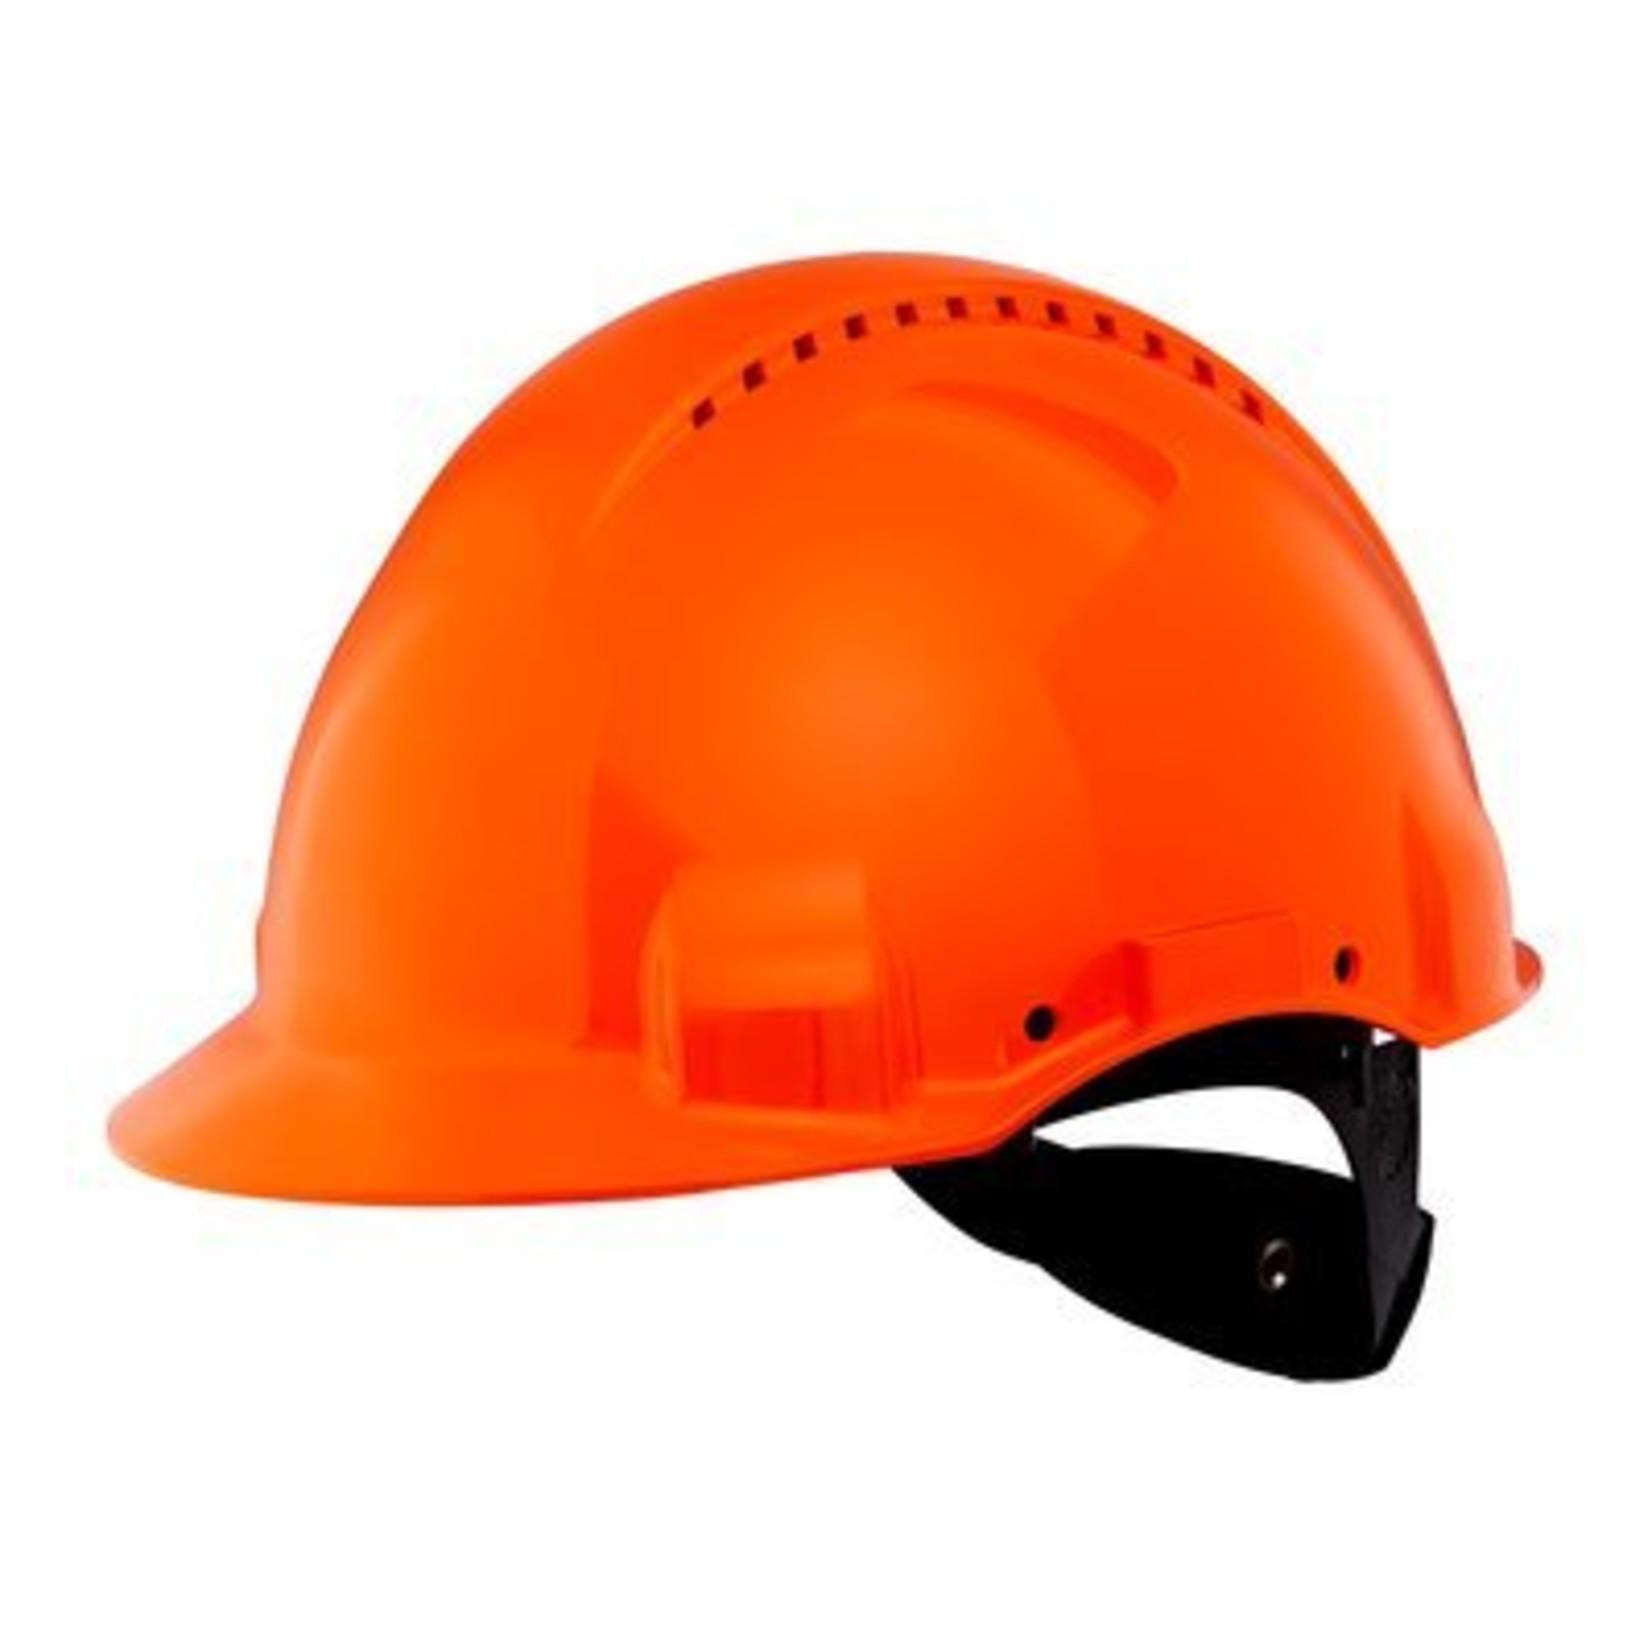 Peltor Helm Peltor 3M